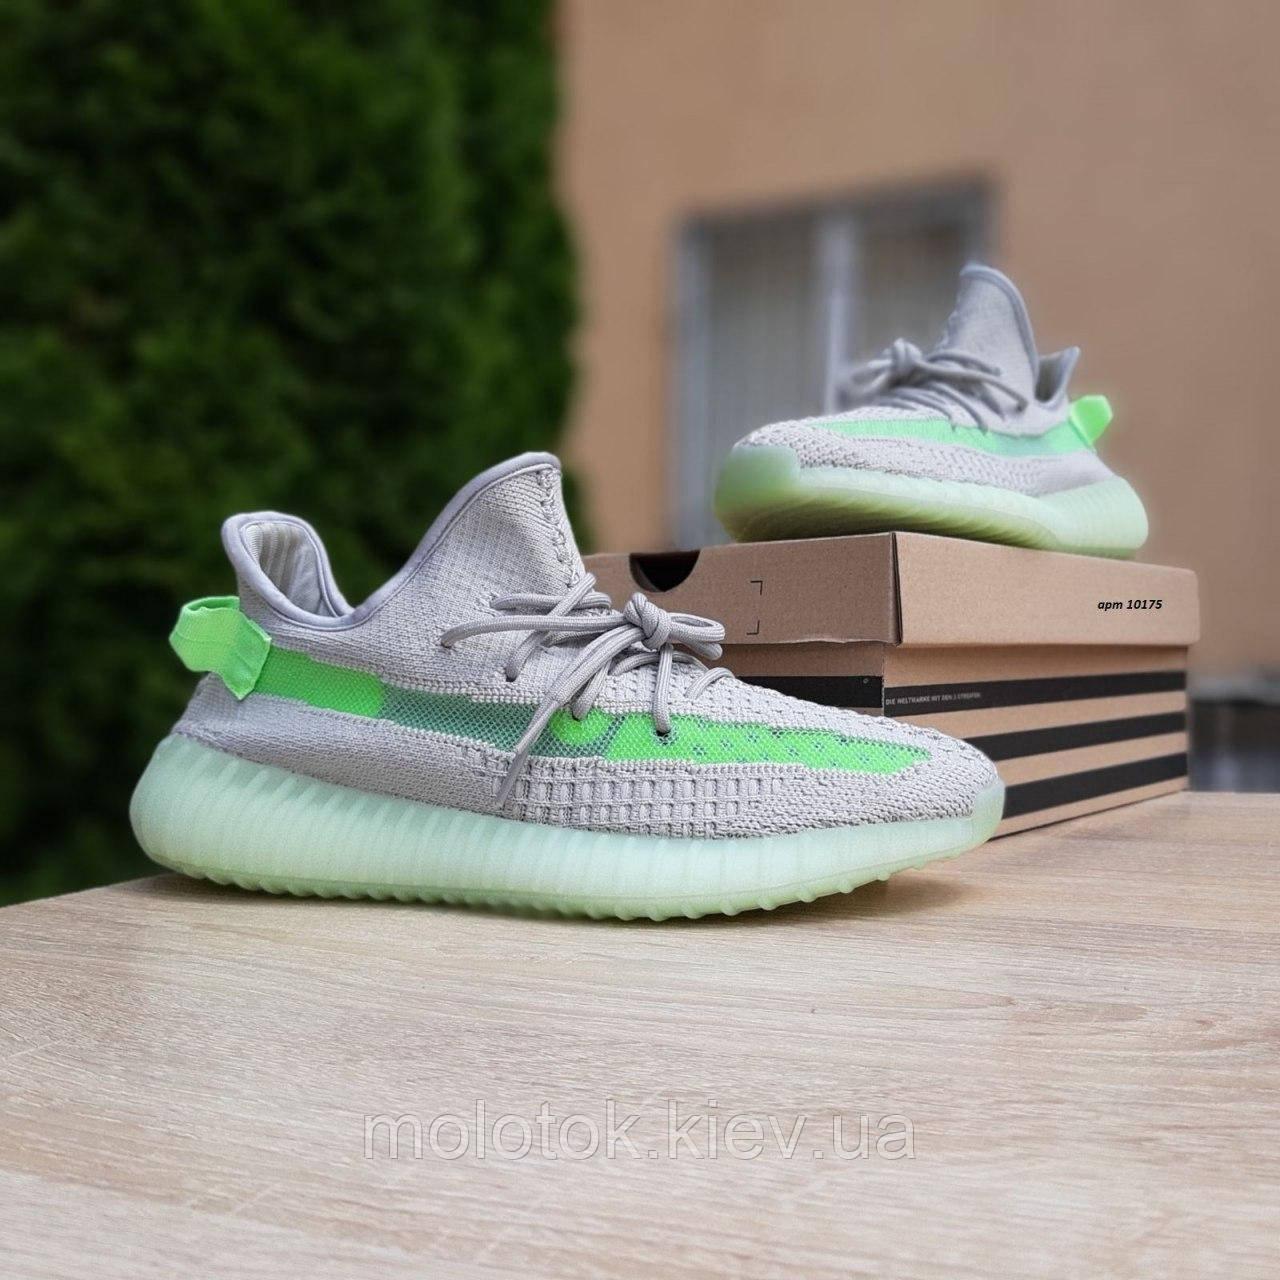 Мужские кроссовки в стиле Adidas Yeezy Boost 350 V2 серые с салатовым